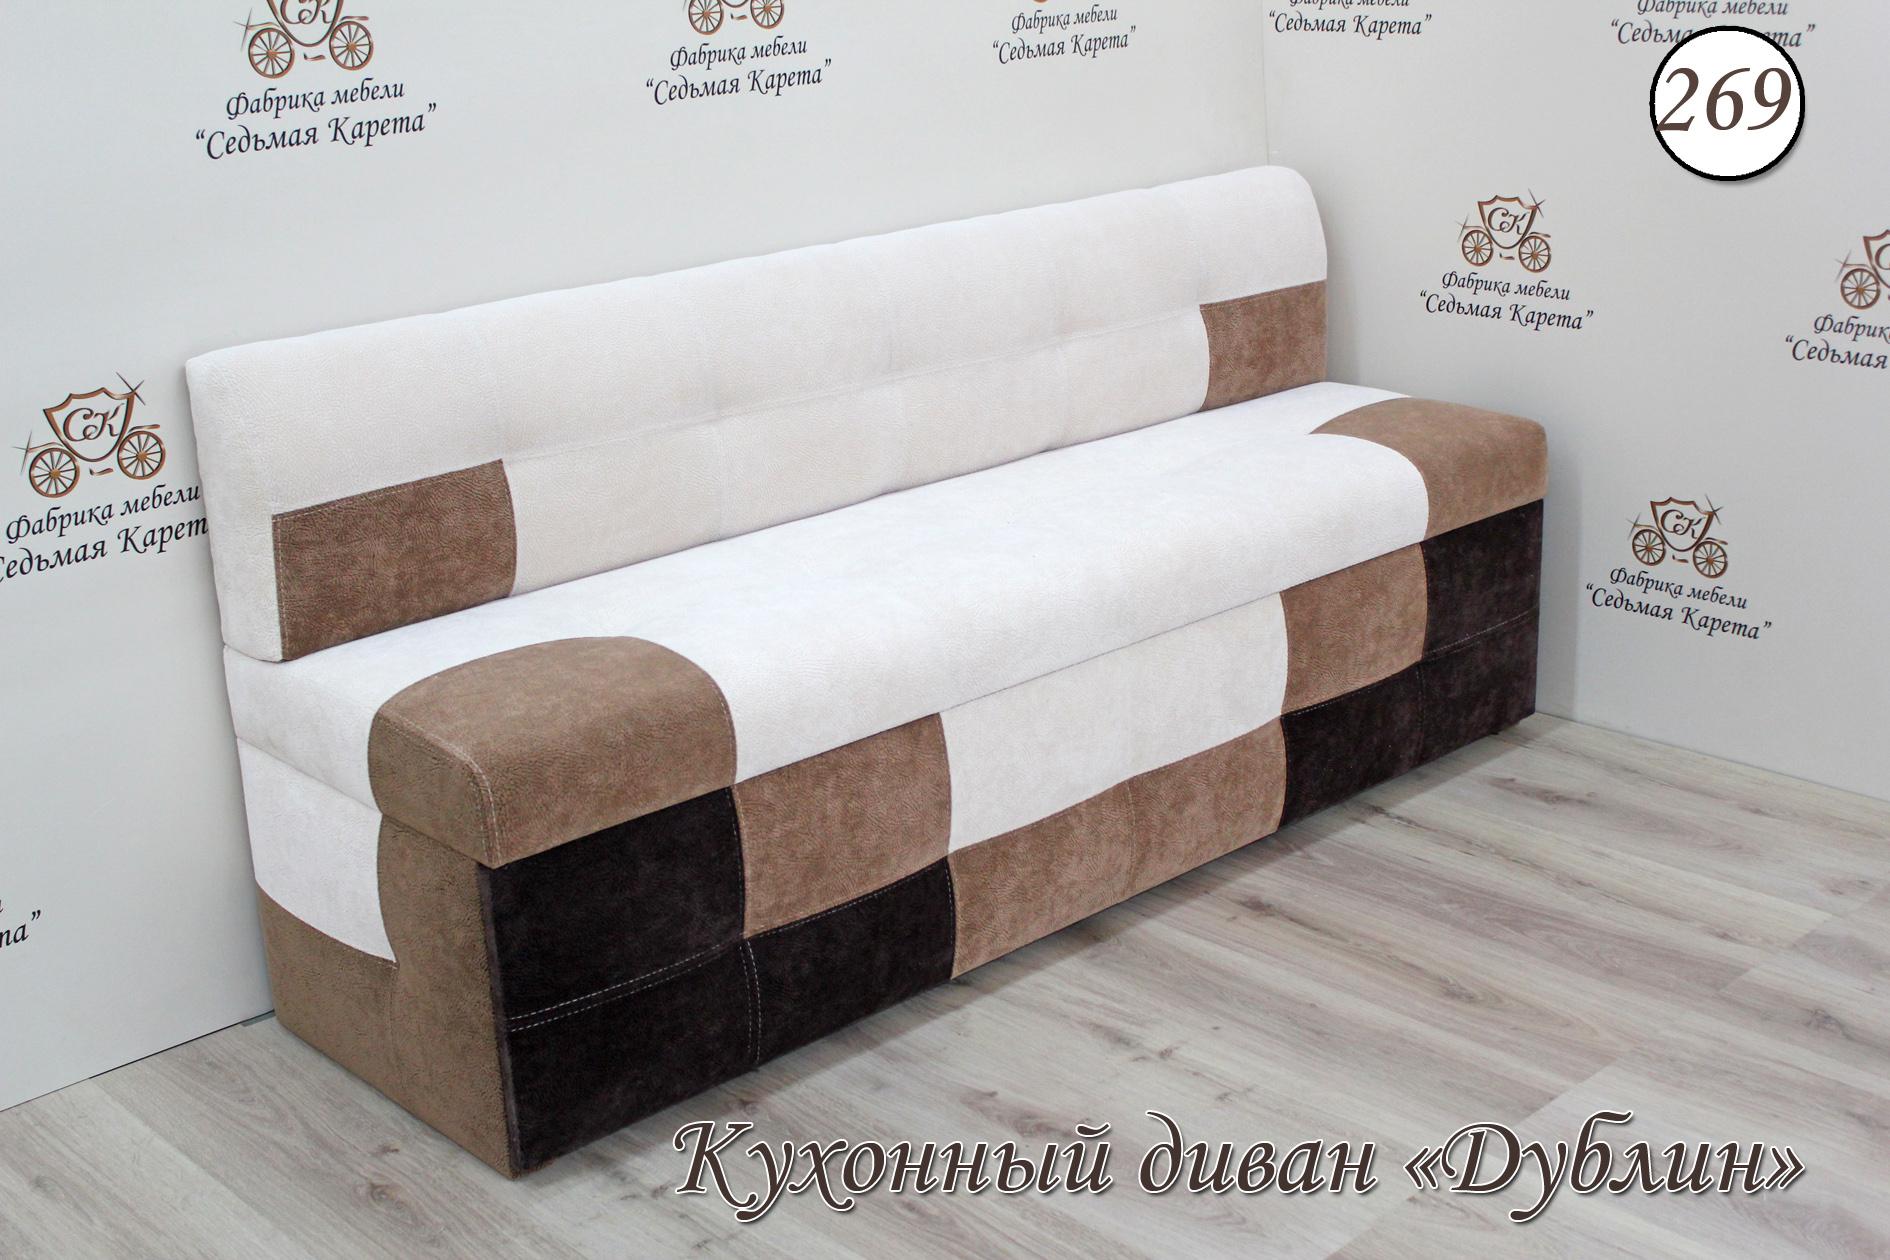 Кухонный диван Дублин-269 кухонный диван дублин